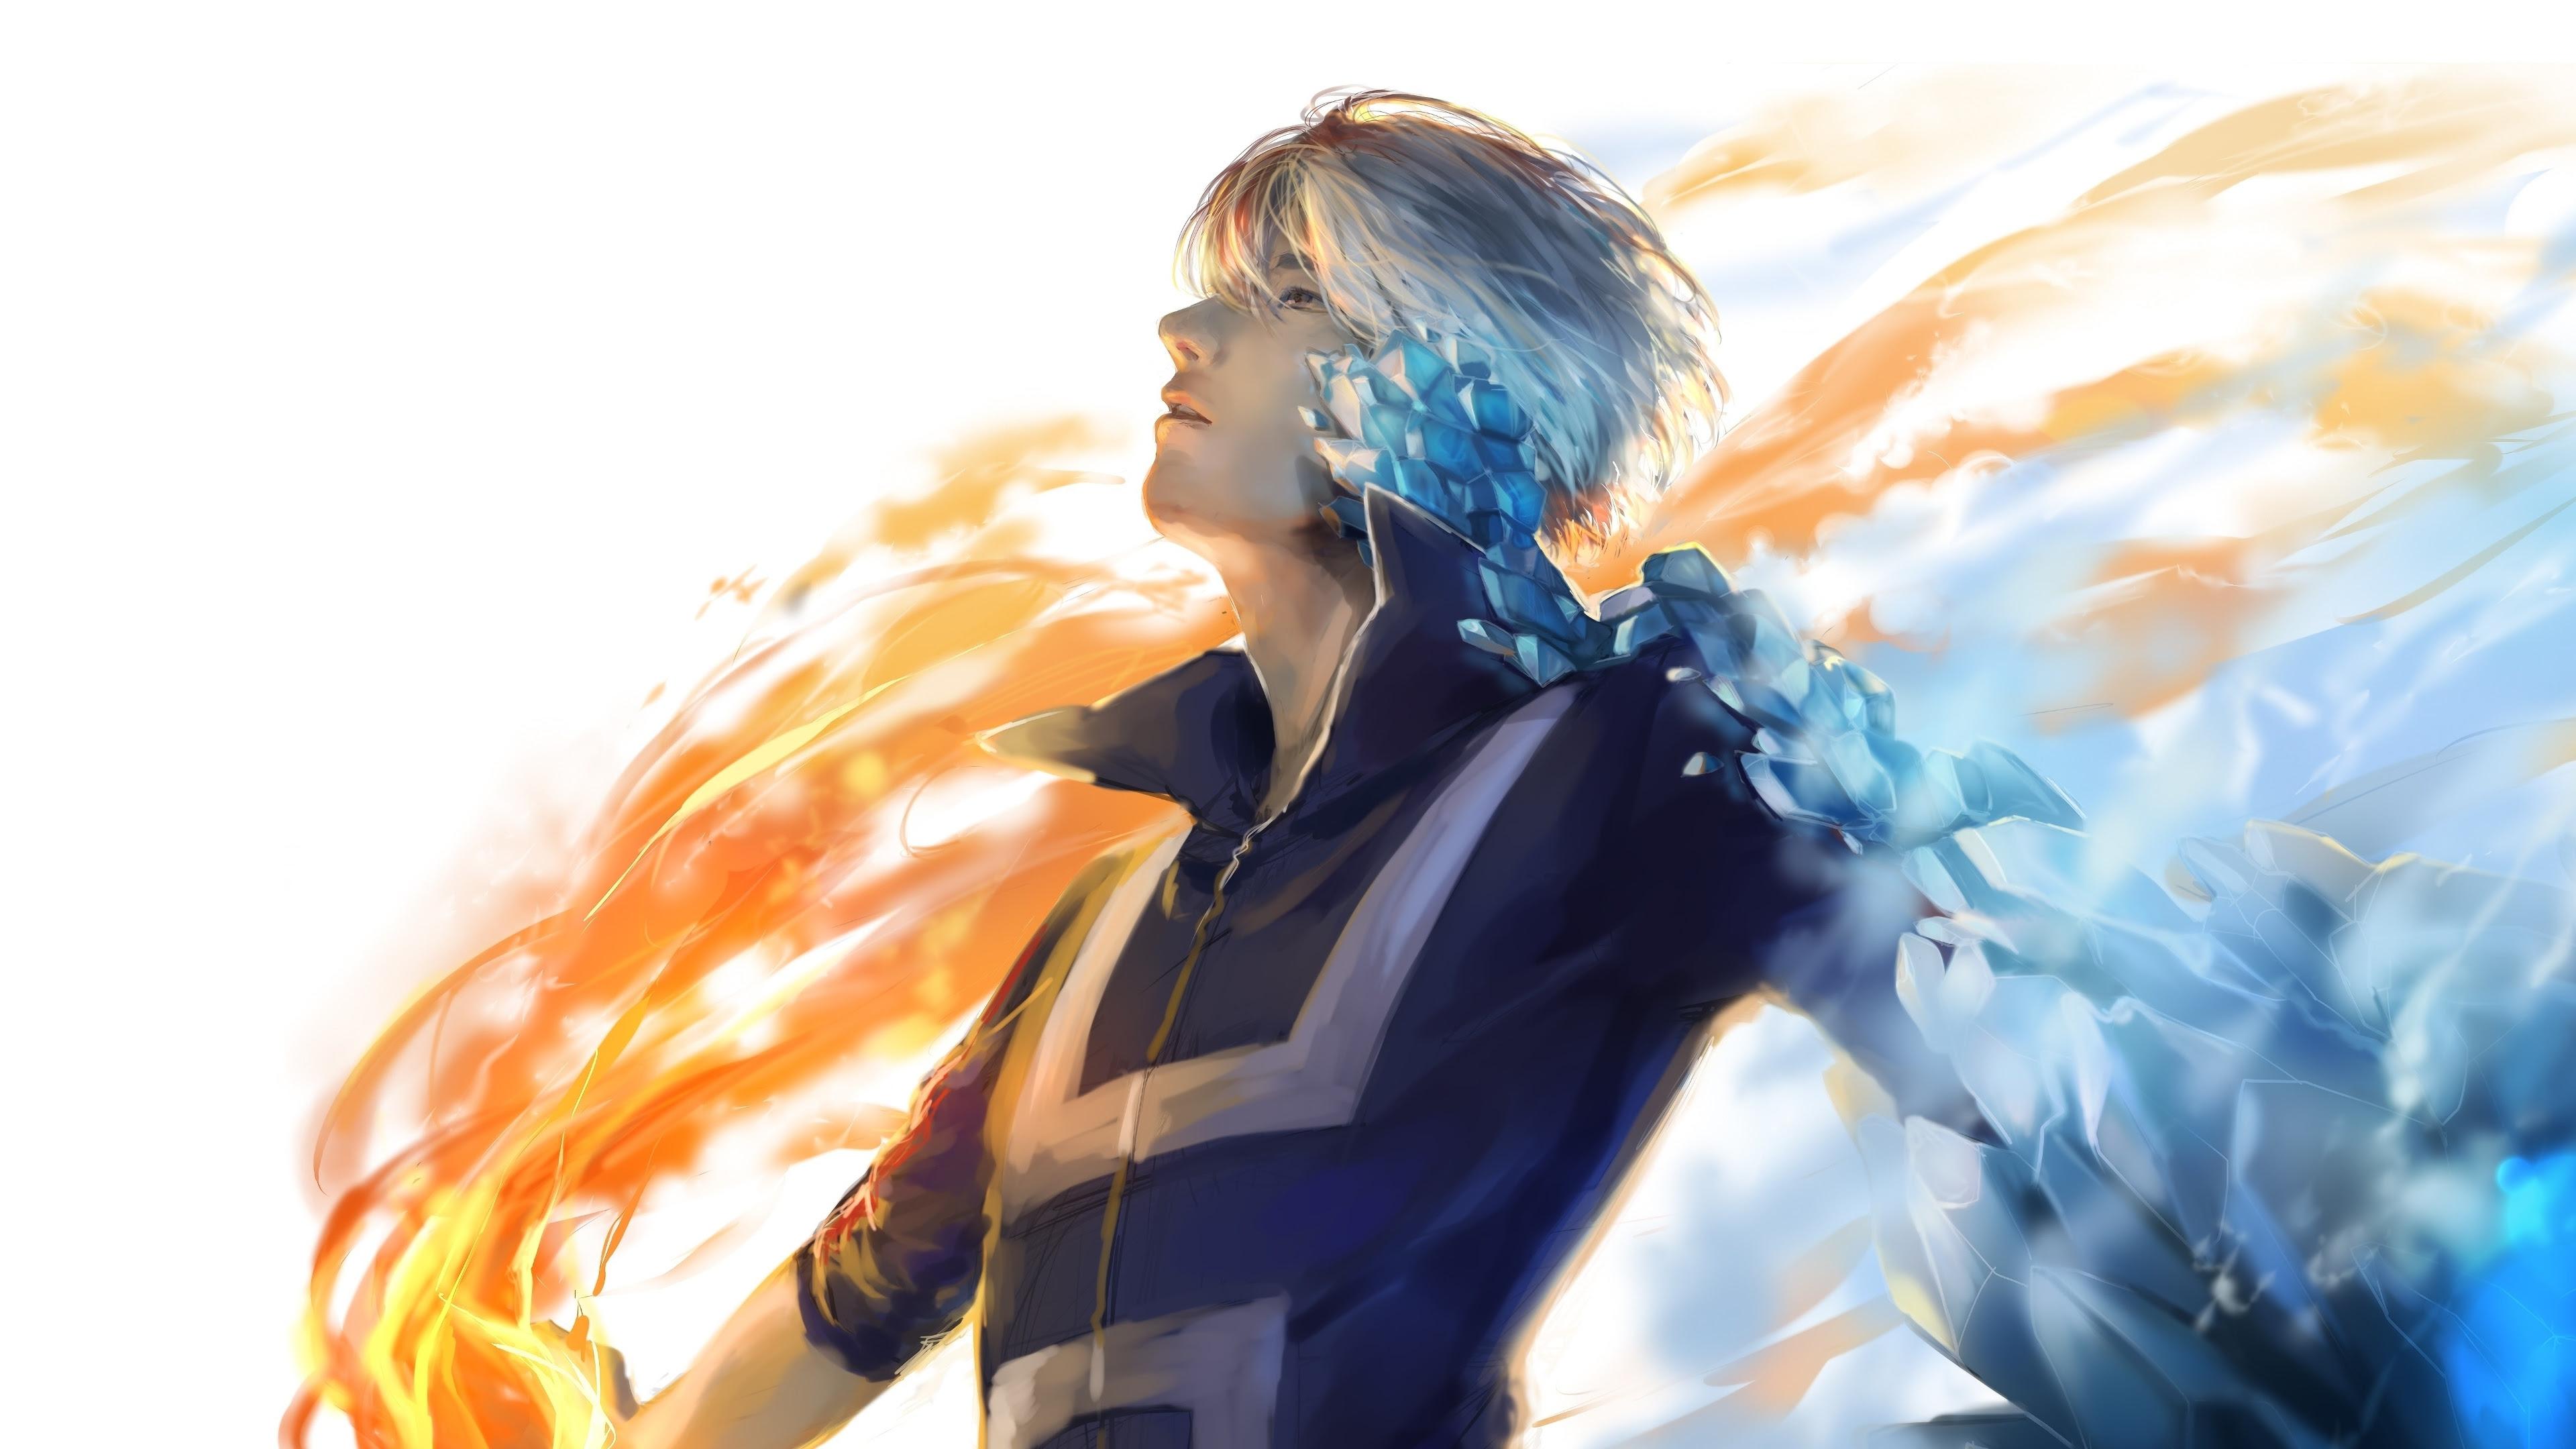 Download 3840x2160 wallpaper anime boy, artwork, shouto ...